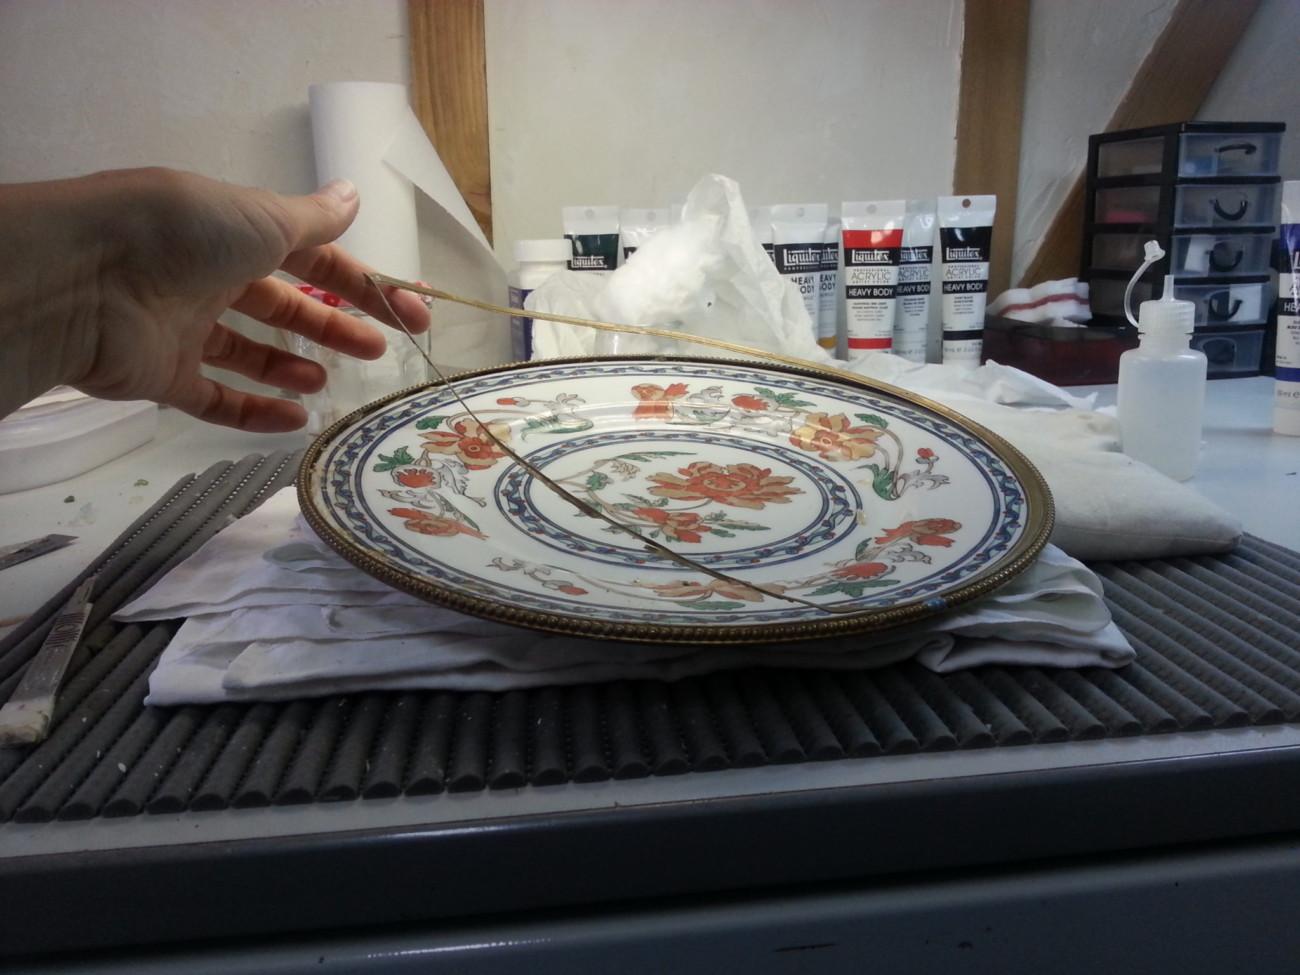 Restauration d'une assiette cerclée